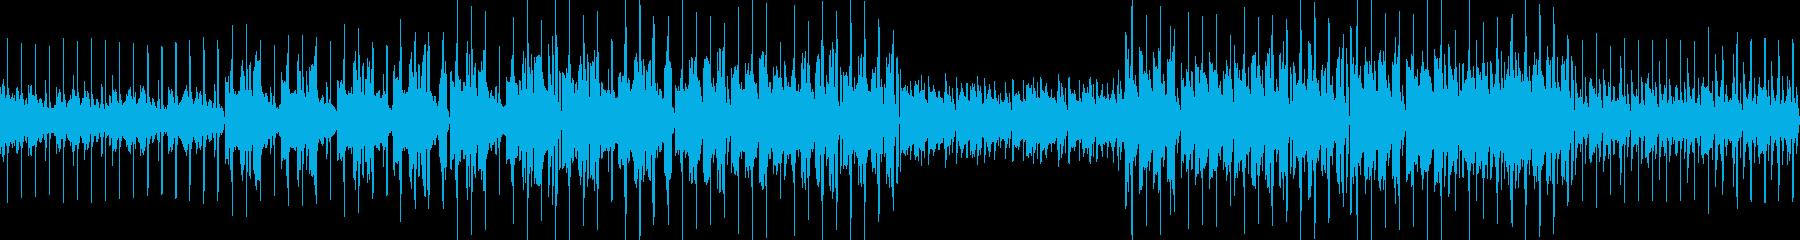 ■チルアウト風・ビブラフォン・リラックスの再生済みの波形